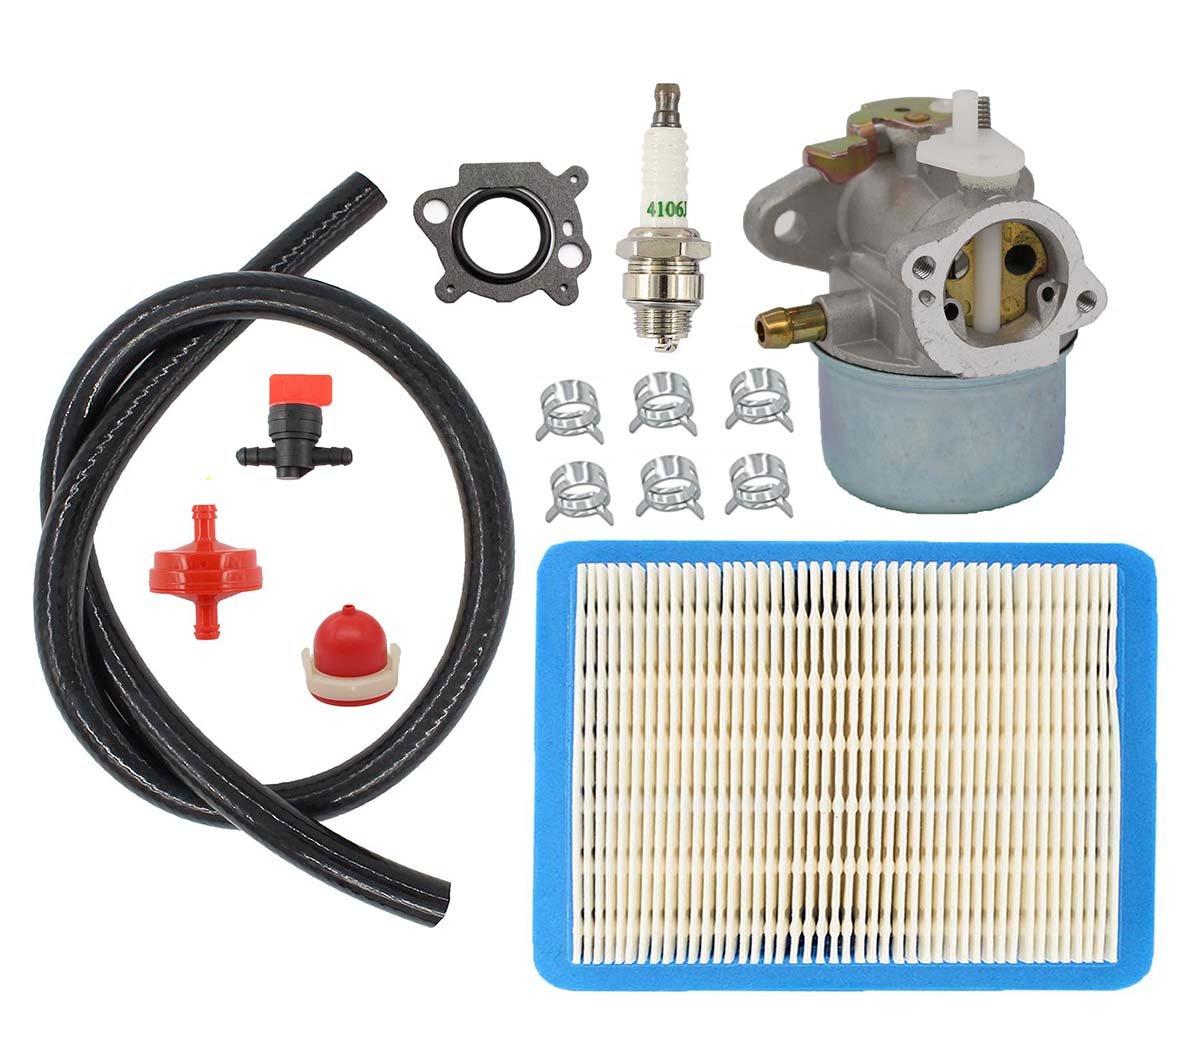 Amazon.com : Carburetor Air Filter Spark Plug Fuel Filter Hose For Briggs &  Stratton Carb 499059 497586 12D800-123K00 12D802, 12F702, 12F802, ...